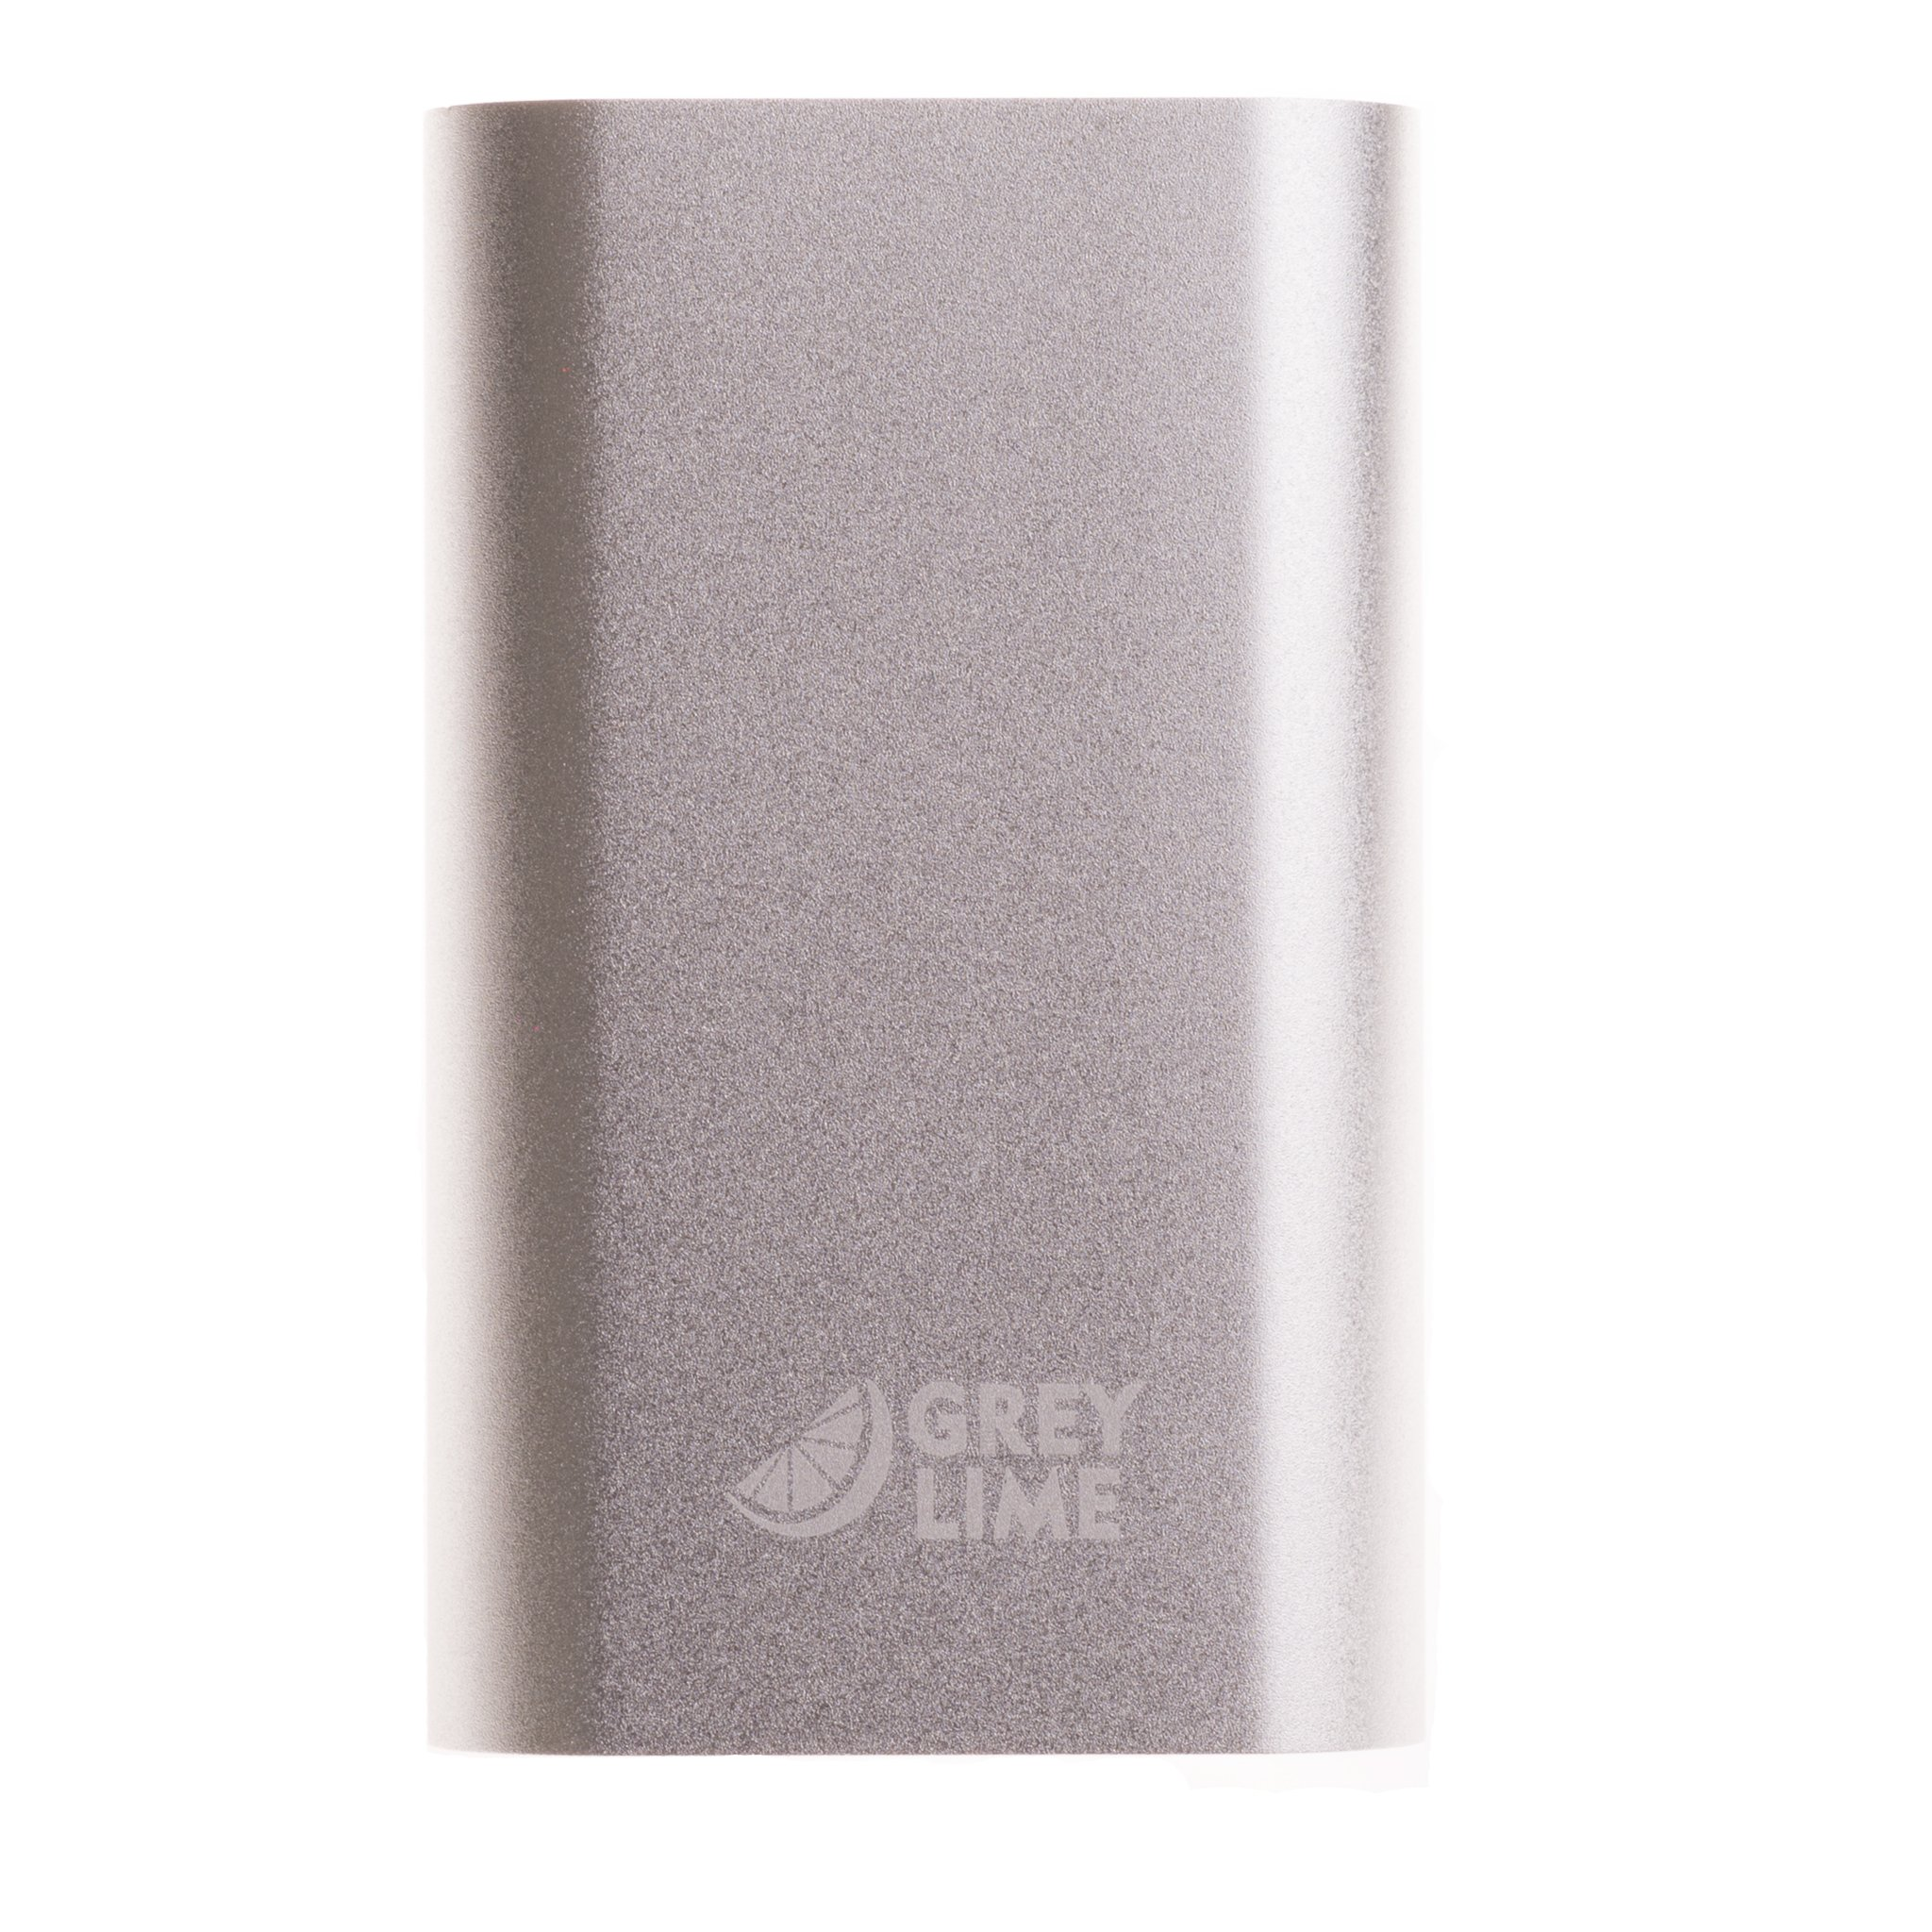 Billede af GreyLime Power Tough 5200 mAh - Sølv